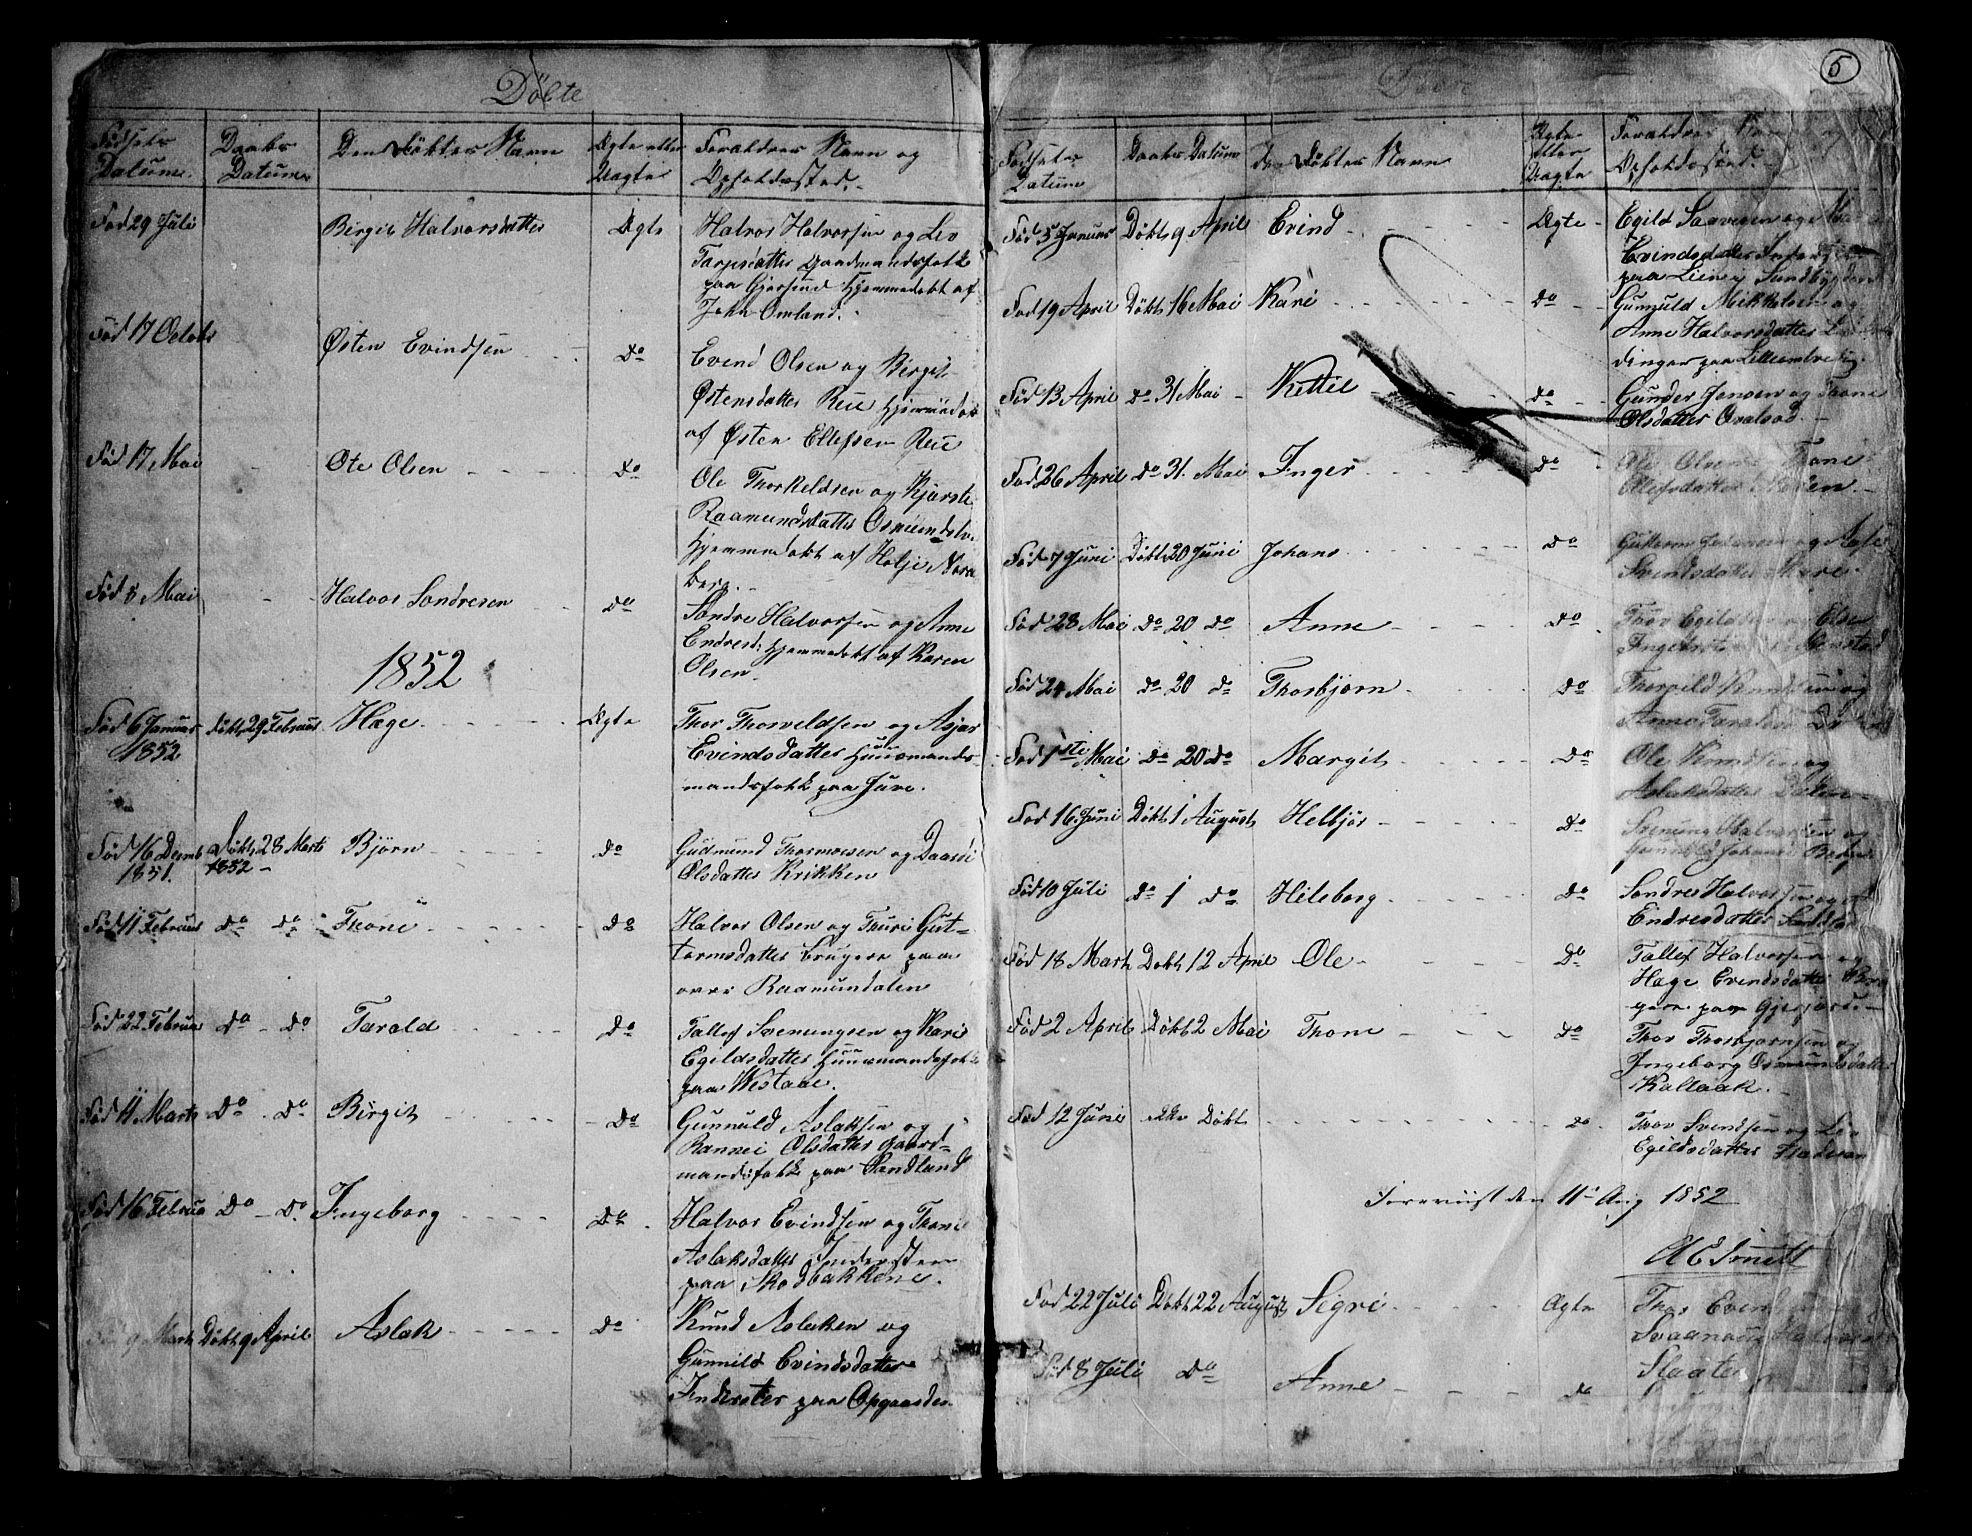 SAKO, Kviteseid kirkebøker, G/Gb/L0002: Klokkerbok nr. II 2, 1850-1892, s. 5